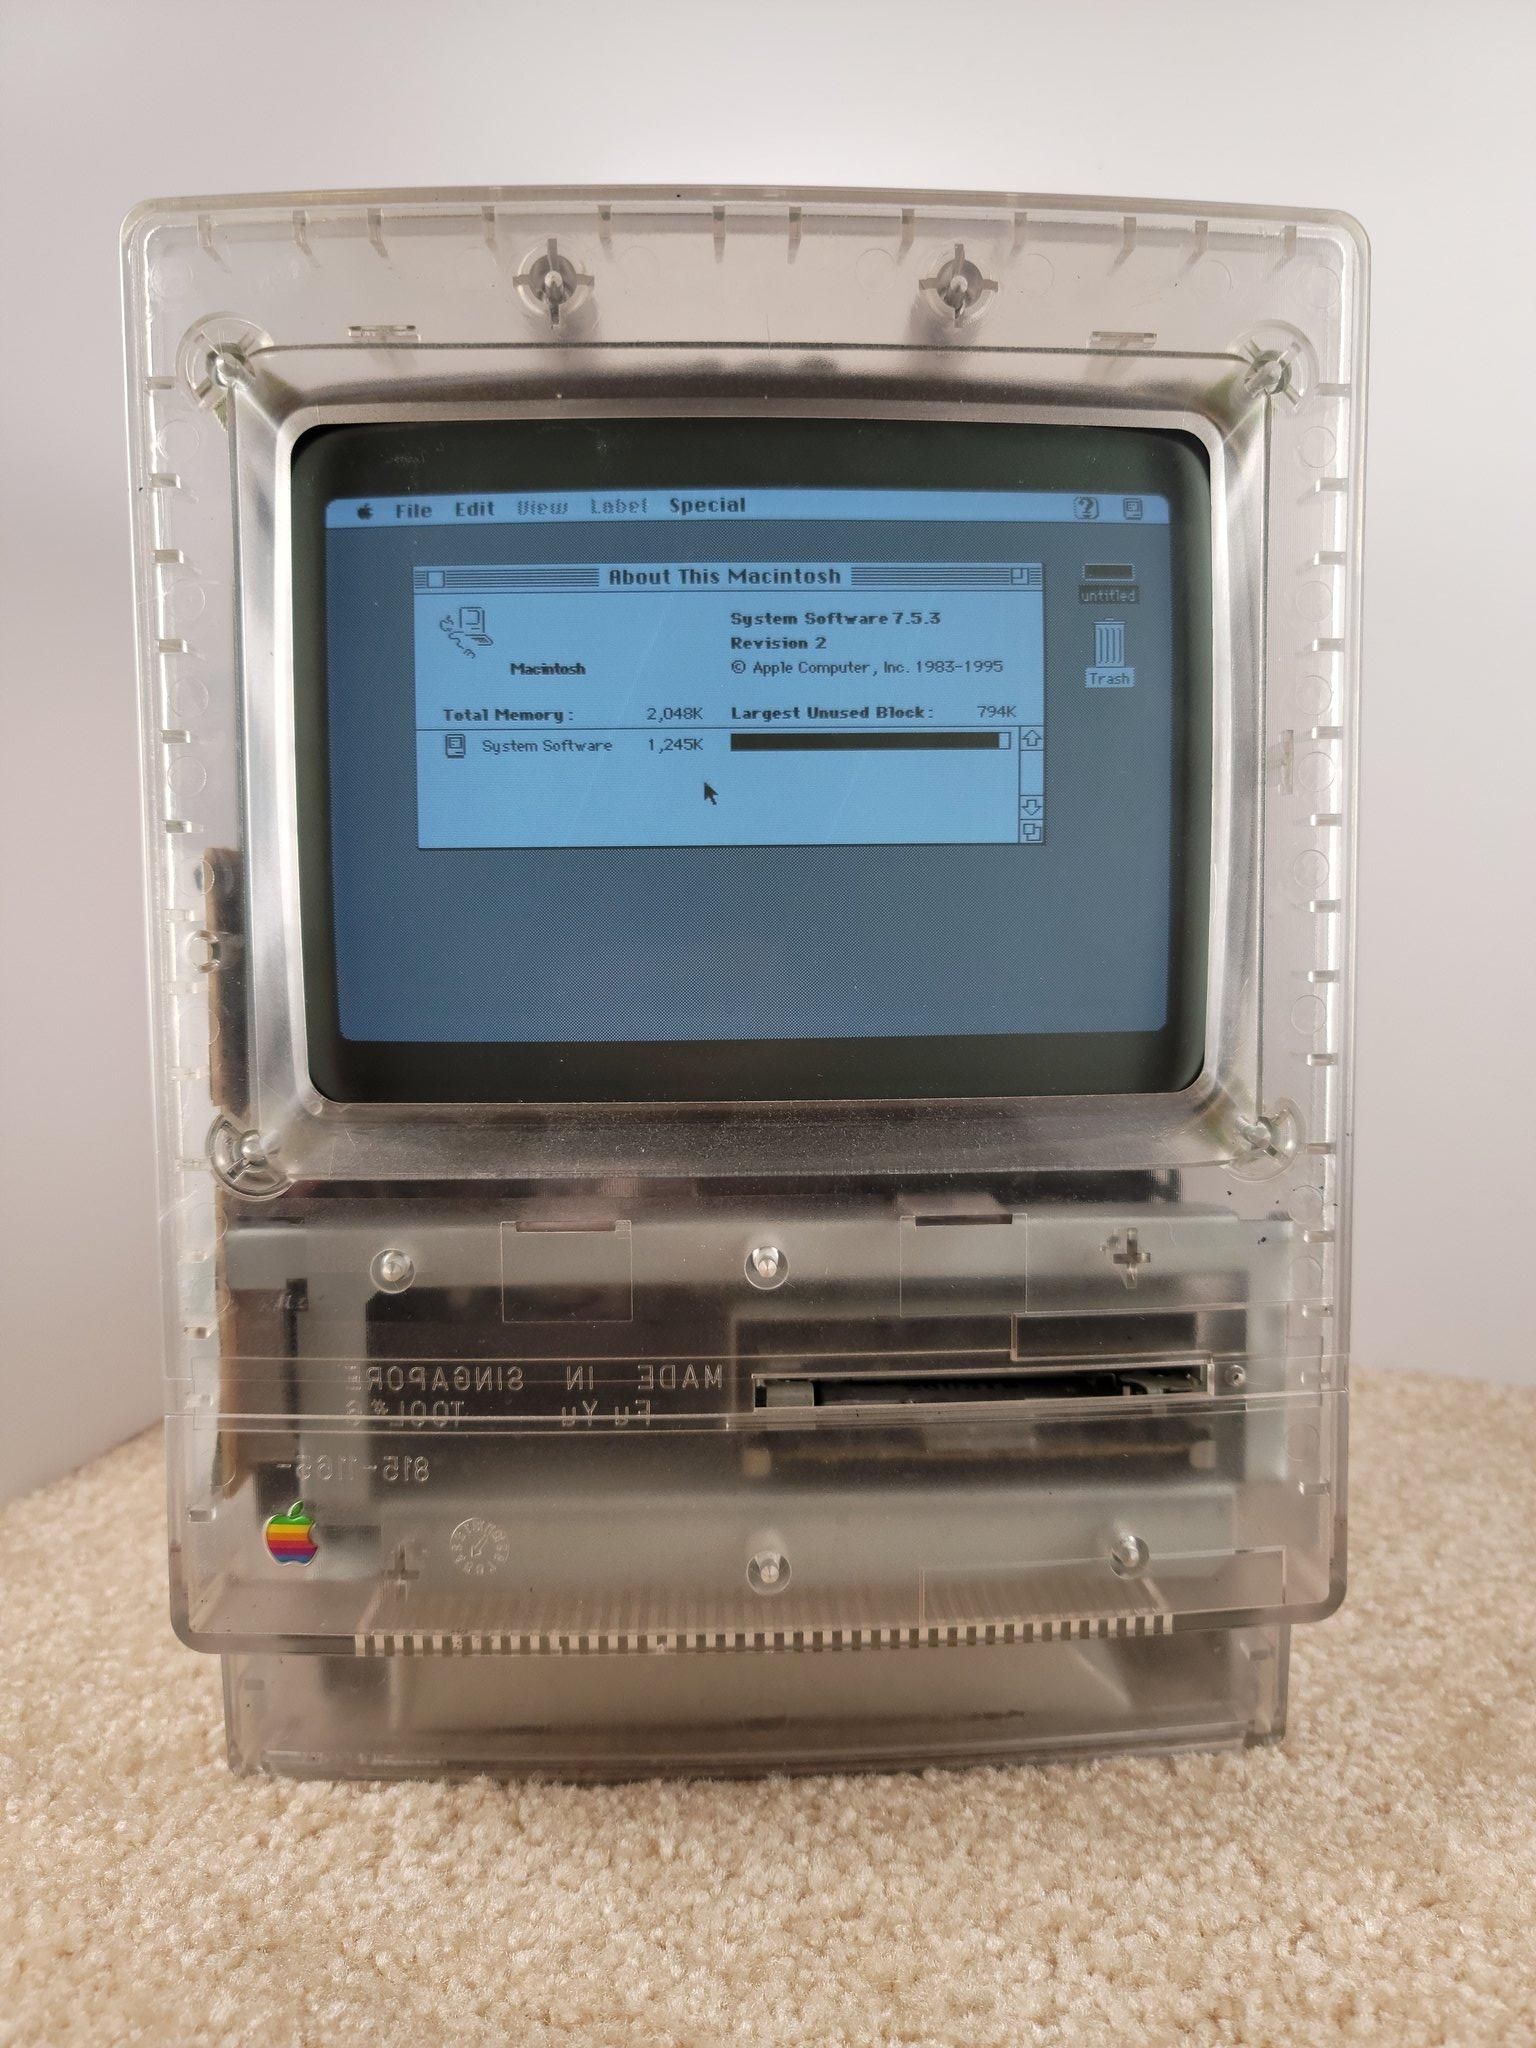 Prototipo de Macintosh original con carcasa transparente